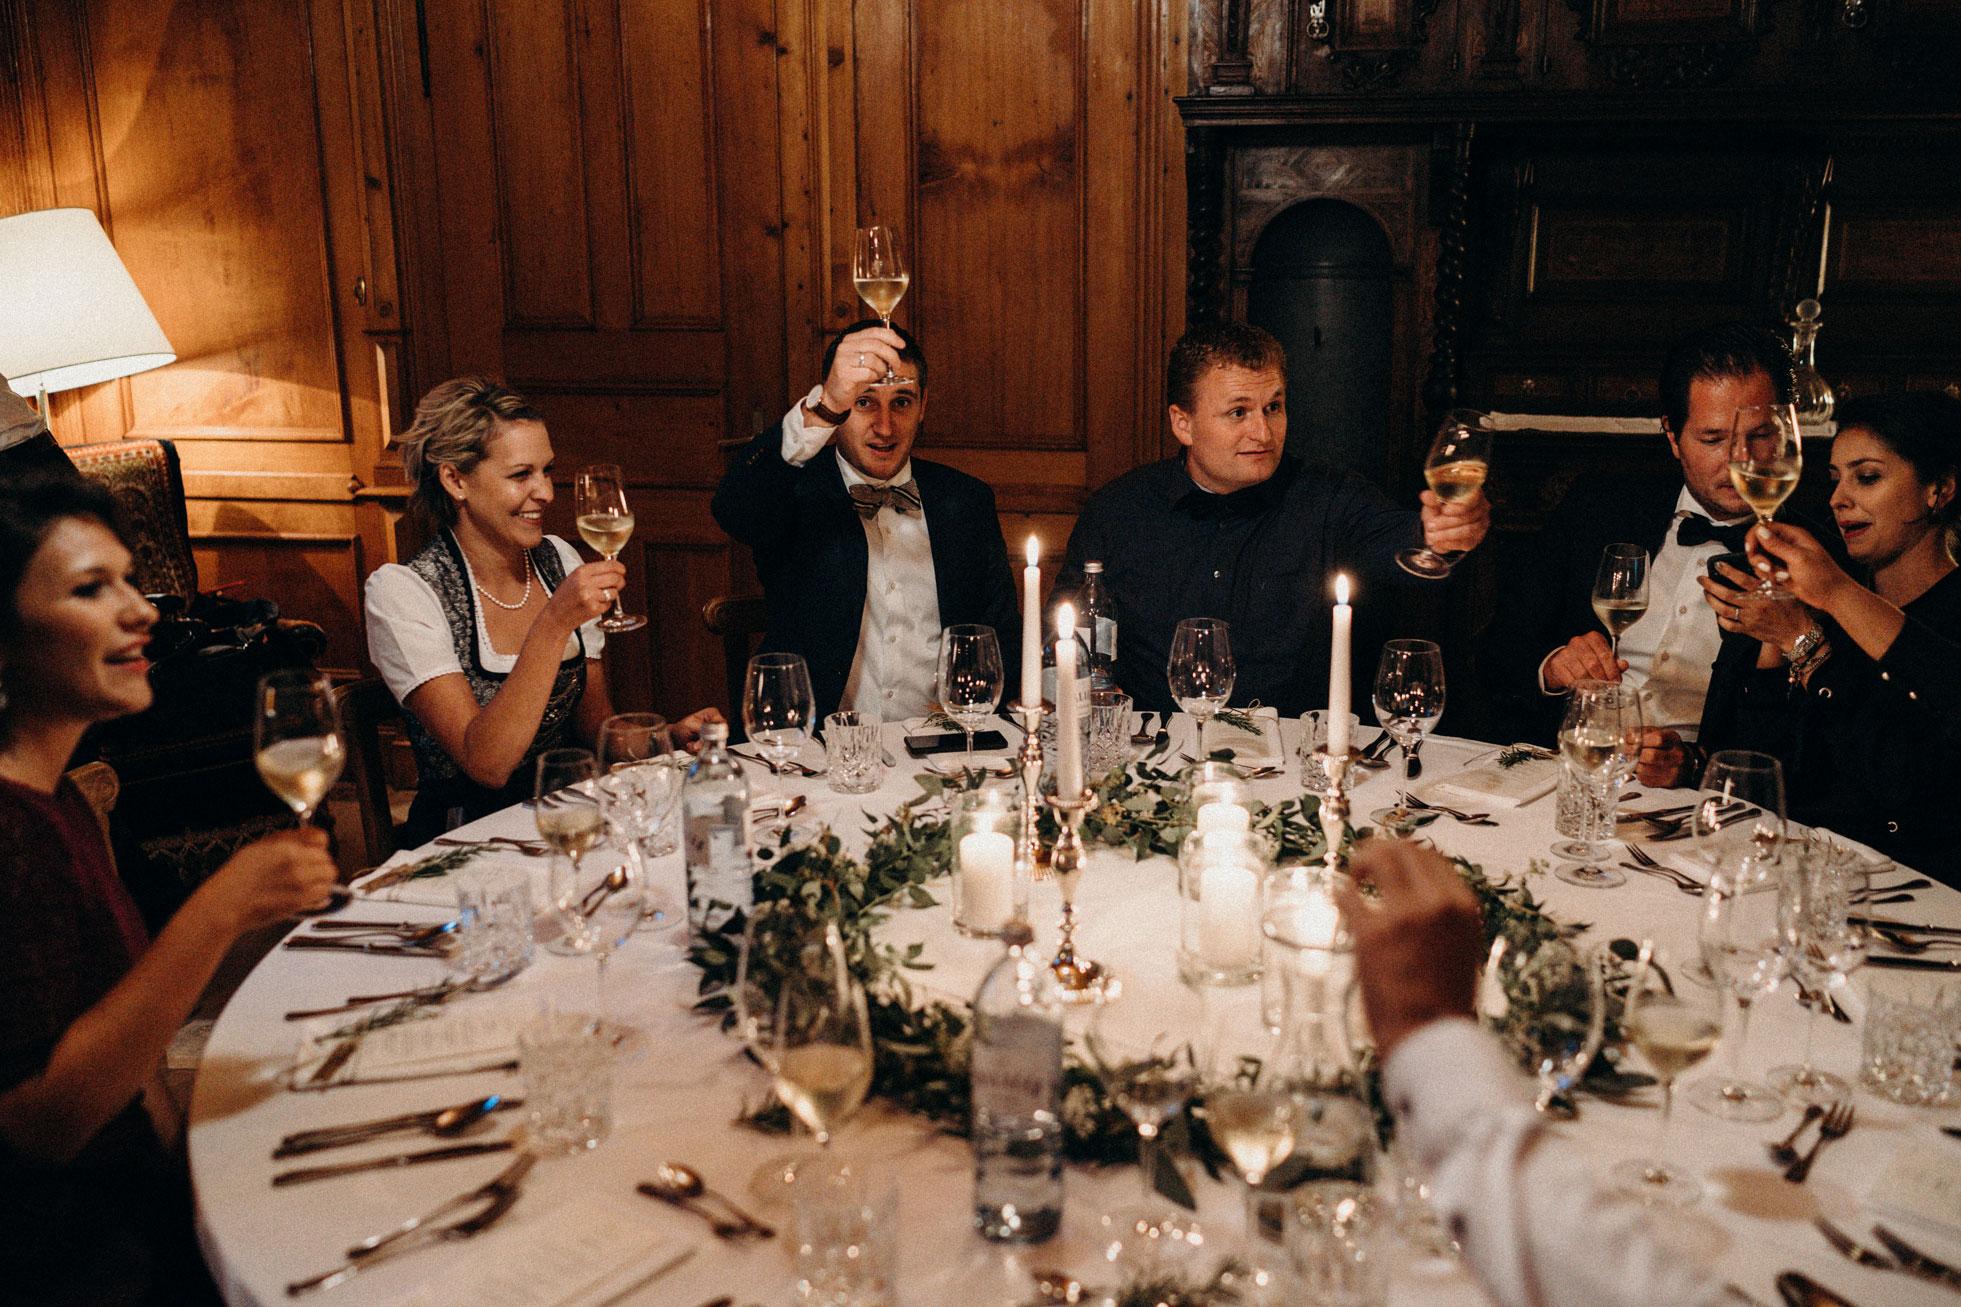 Hochzeit_Claire_Manuel_Villa_Maund_Daniel_Jenny-516.jpg